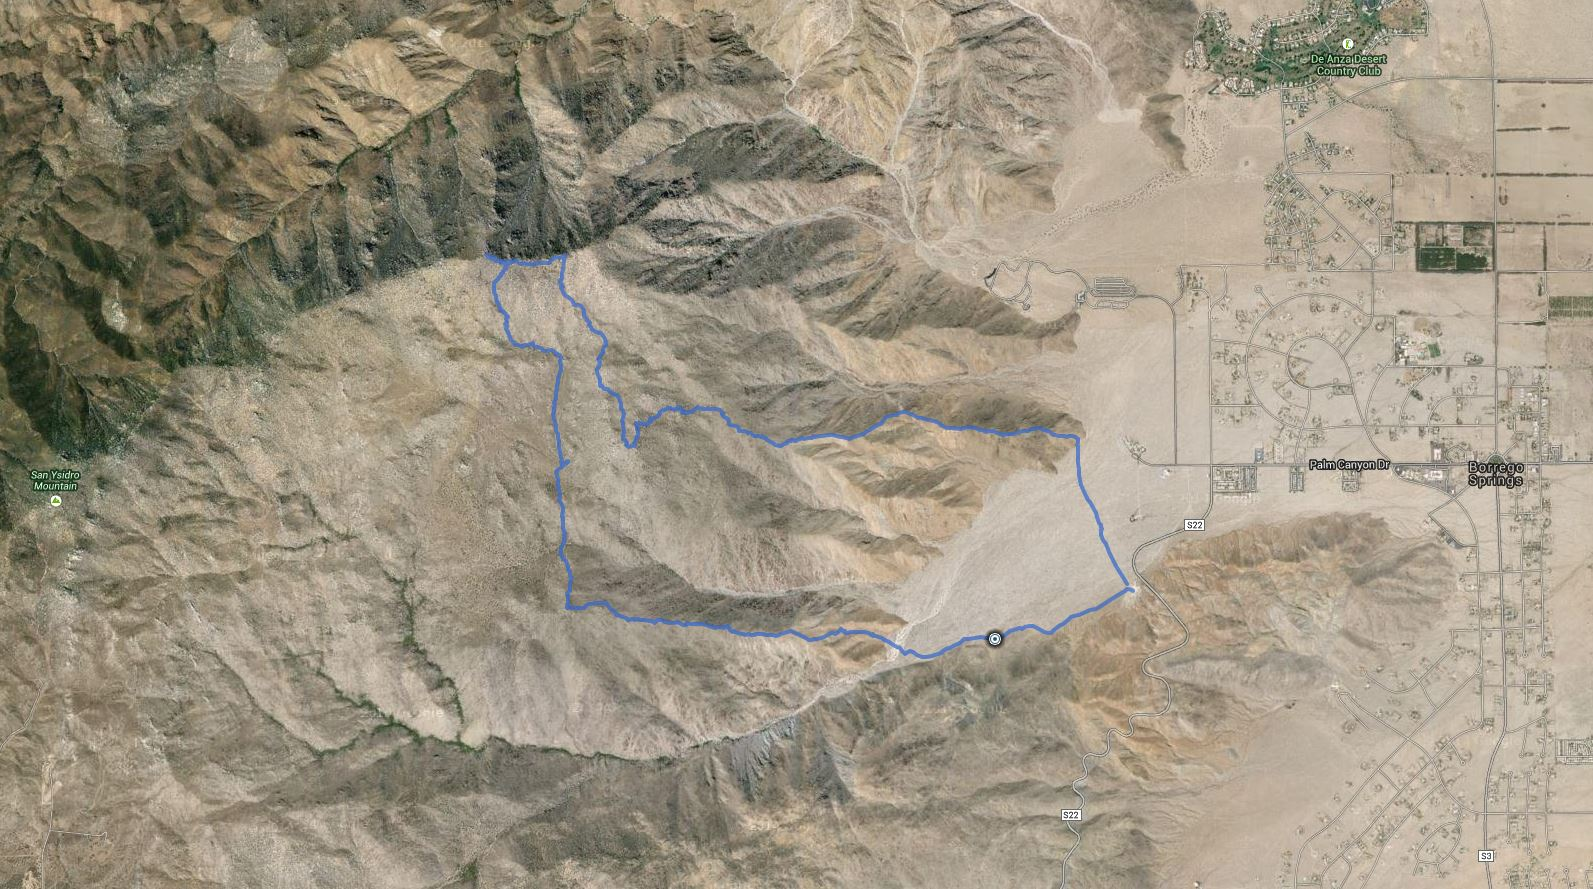 Ode BM, Key BM, Sirens Peak, San Ysidro Mtn East, Tuck BM, Webo BM, Ted BM – GPS Track